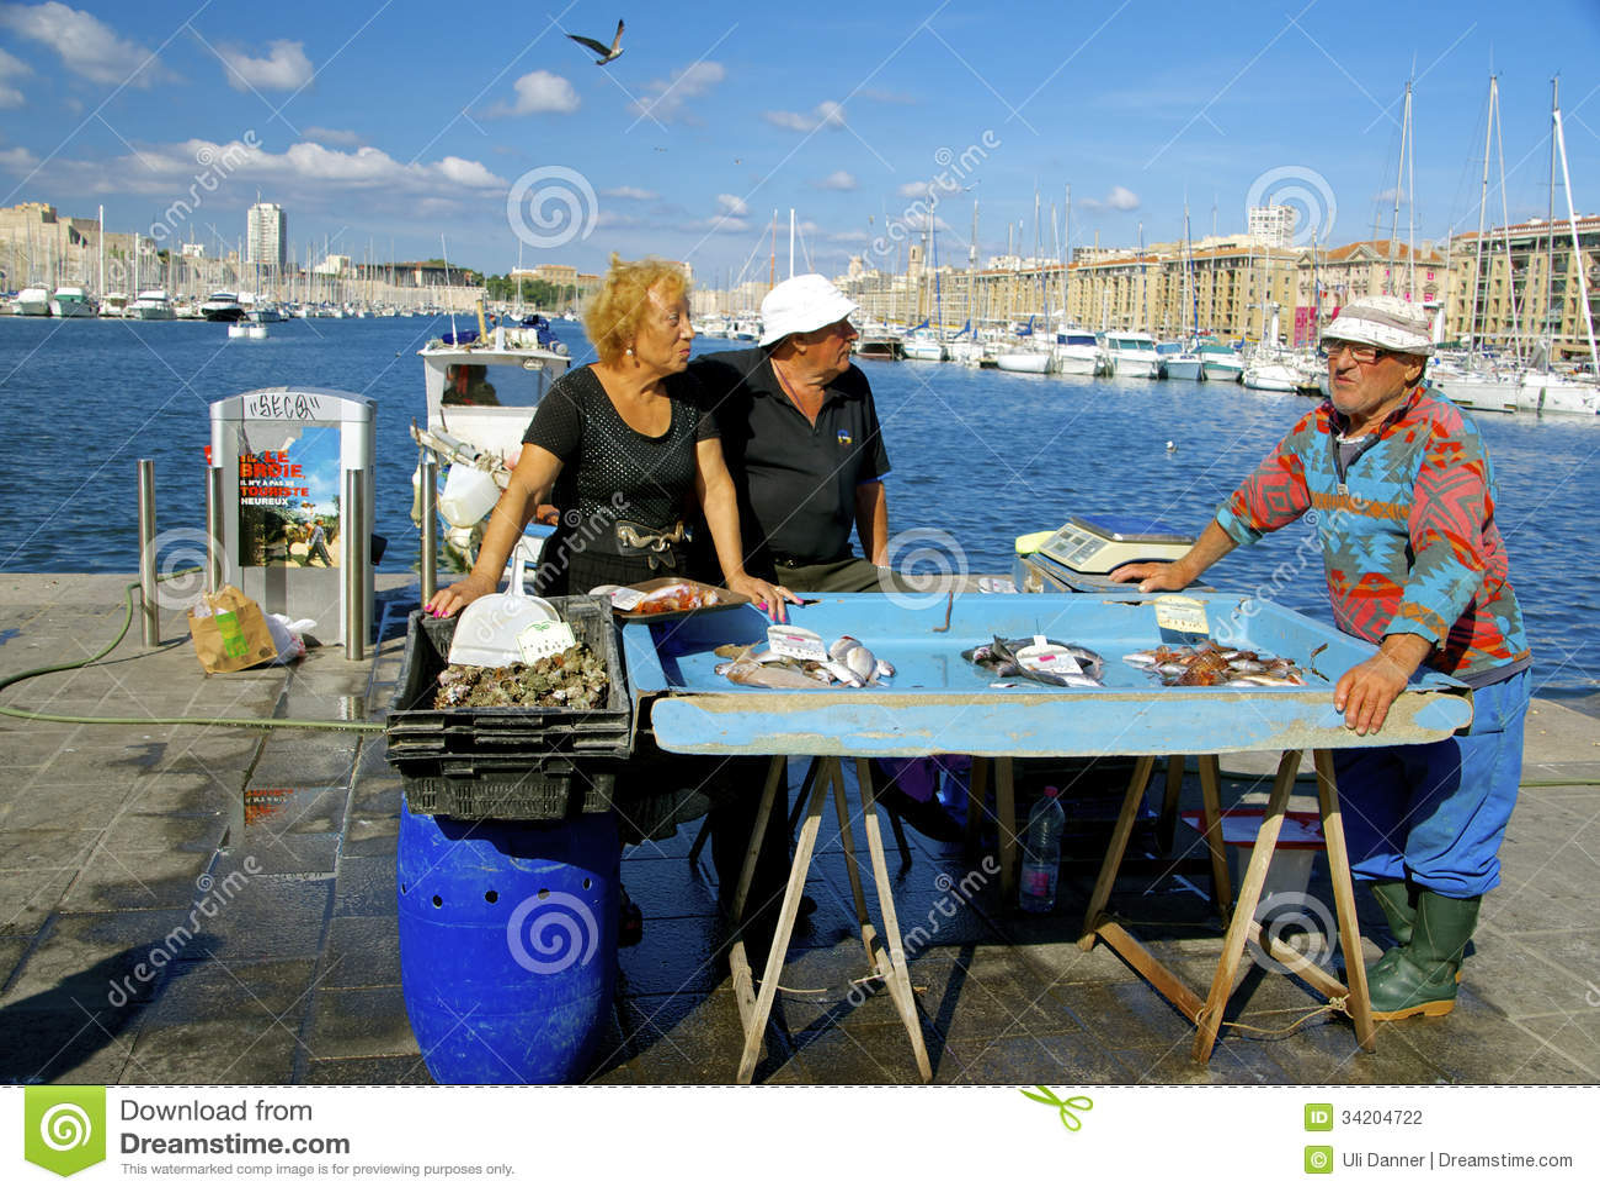 Poissonnerie vieux port marseille photographie ditorial - Restaurant poisson marseille vieux port ...